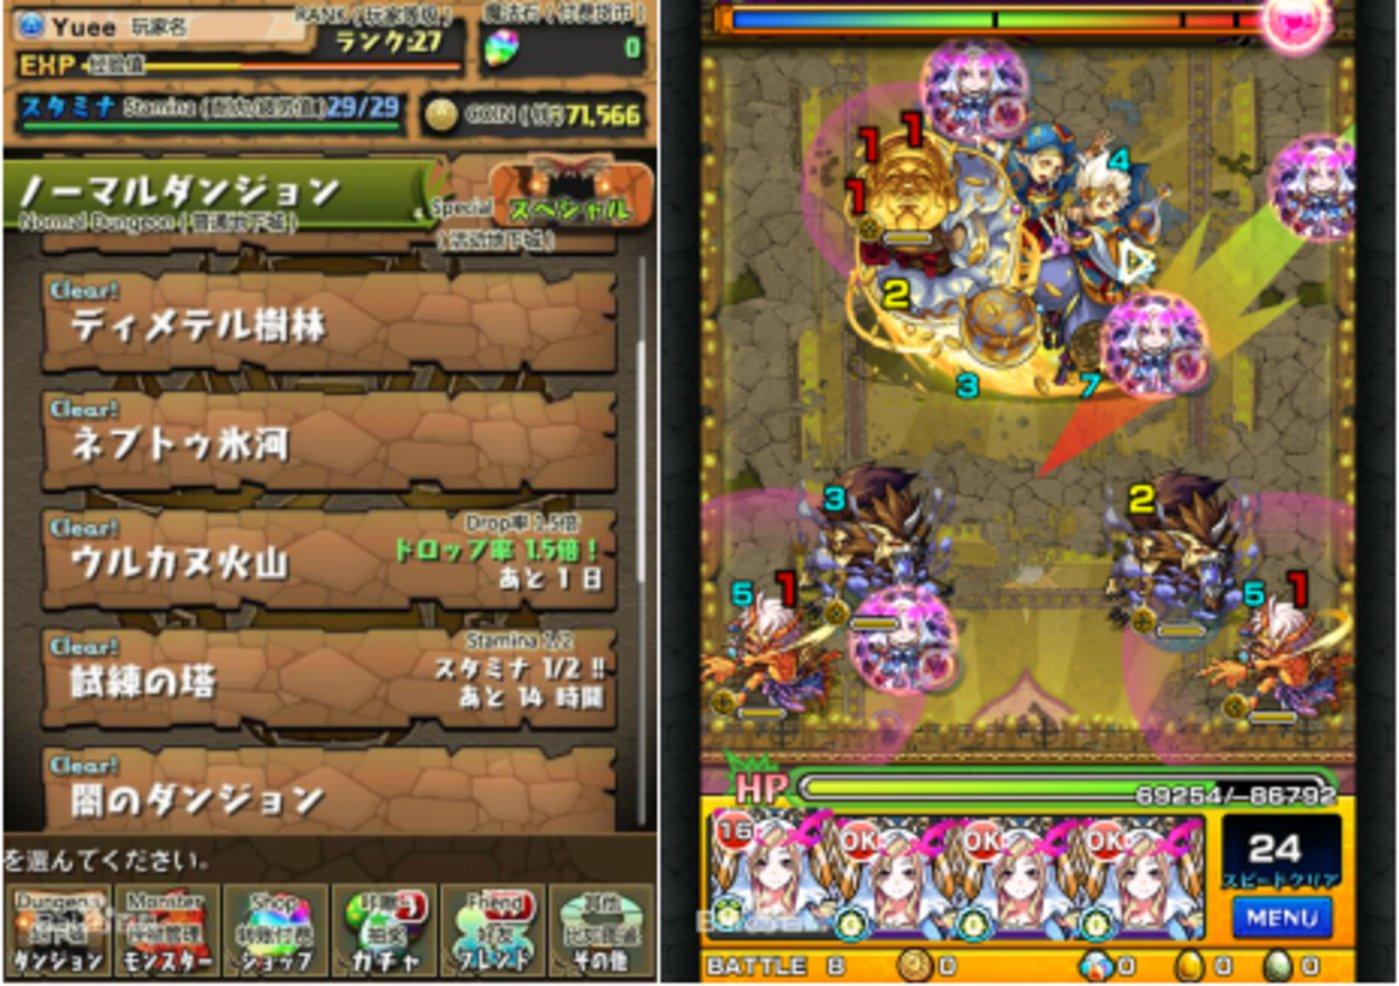 图:《智龙迷城》与《怪物弹珠》界面,两款游戏都采用了Q版风格和竖屏的设定